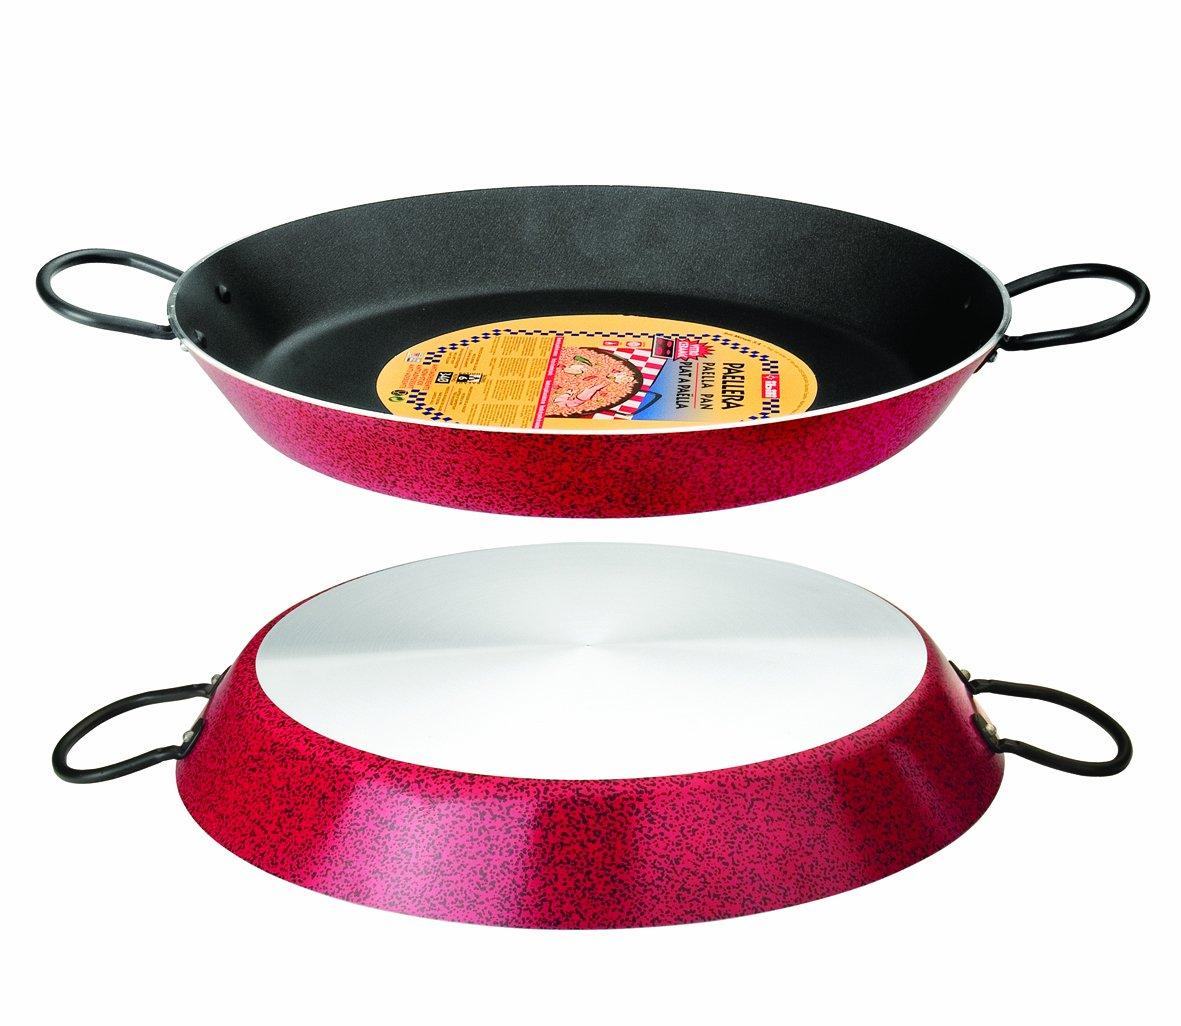 Paellera de 38cms válida para distintos tipos de cocina